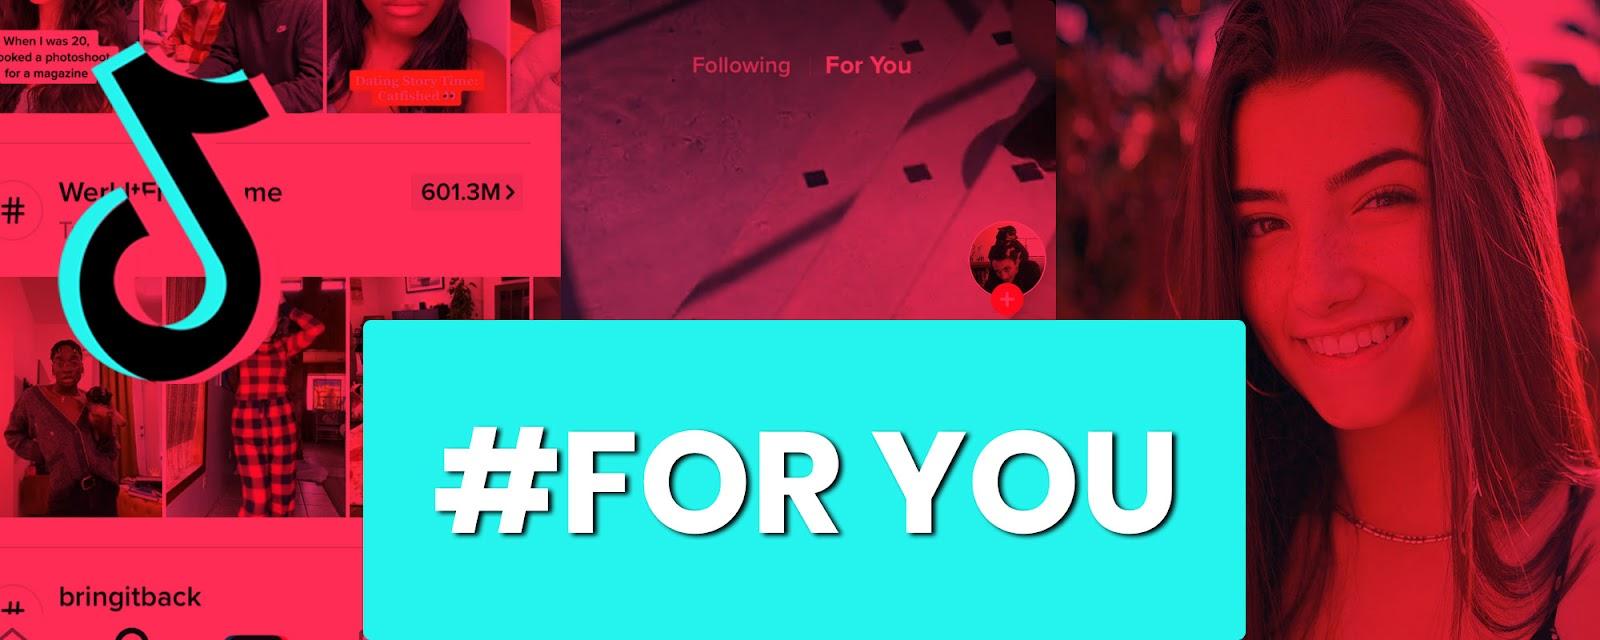 Tính năng FYP của TikTok cho phép bạn theo dõi những xu hướng mới nhất (Ảnh: influencermarketinghub.com)